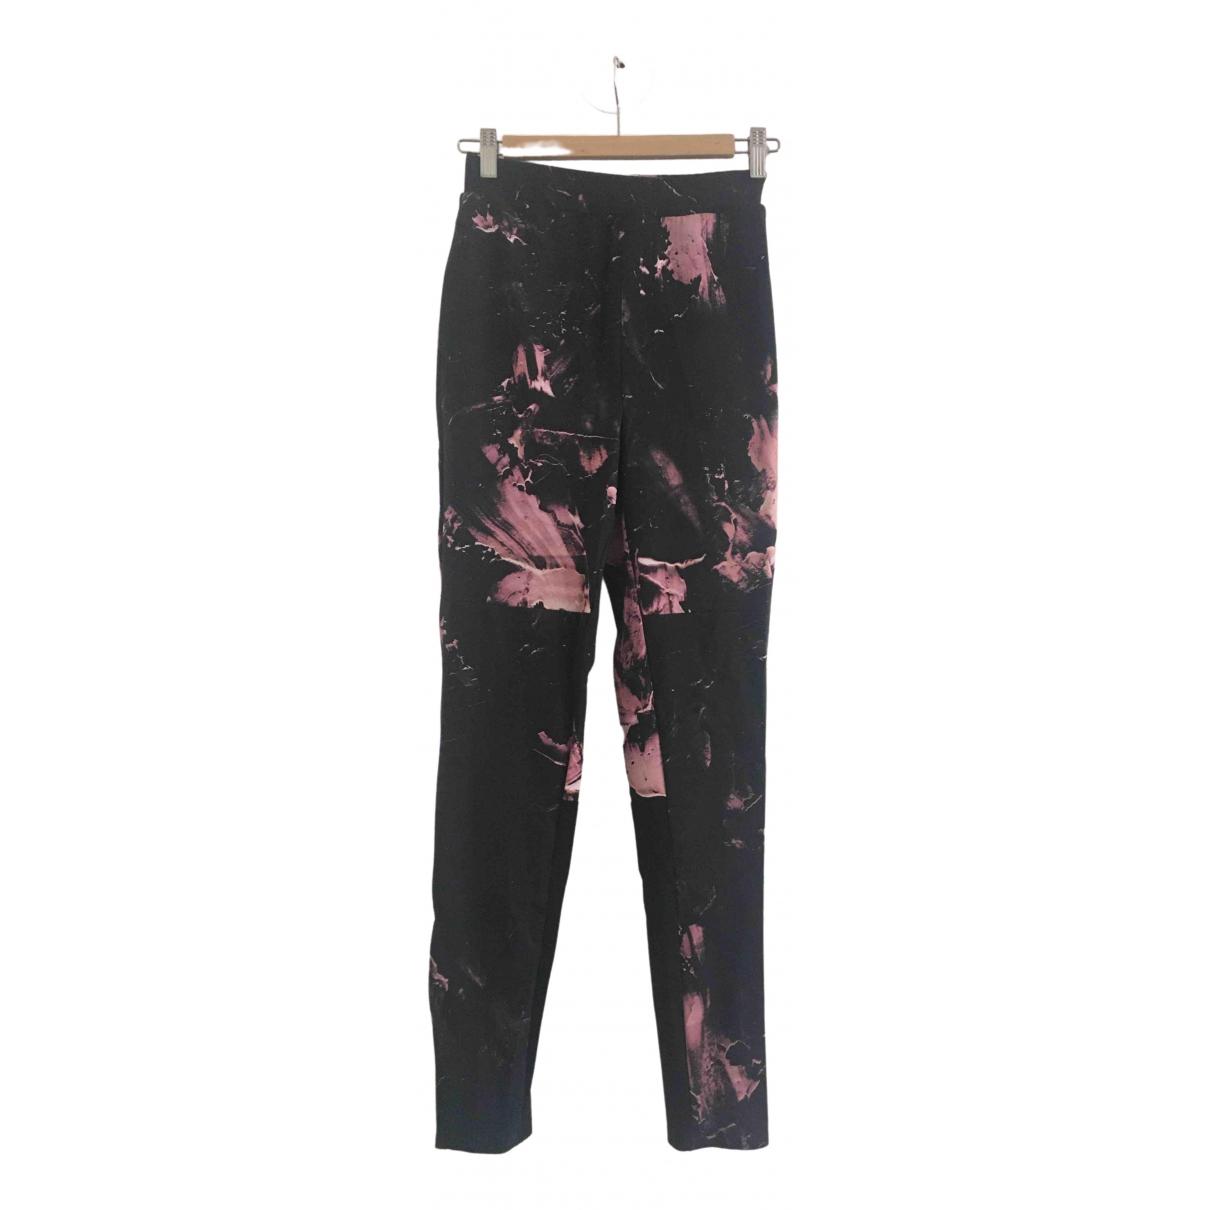 Avoc \N Black Spandex Trousers for Women 34 FR